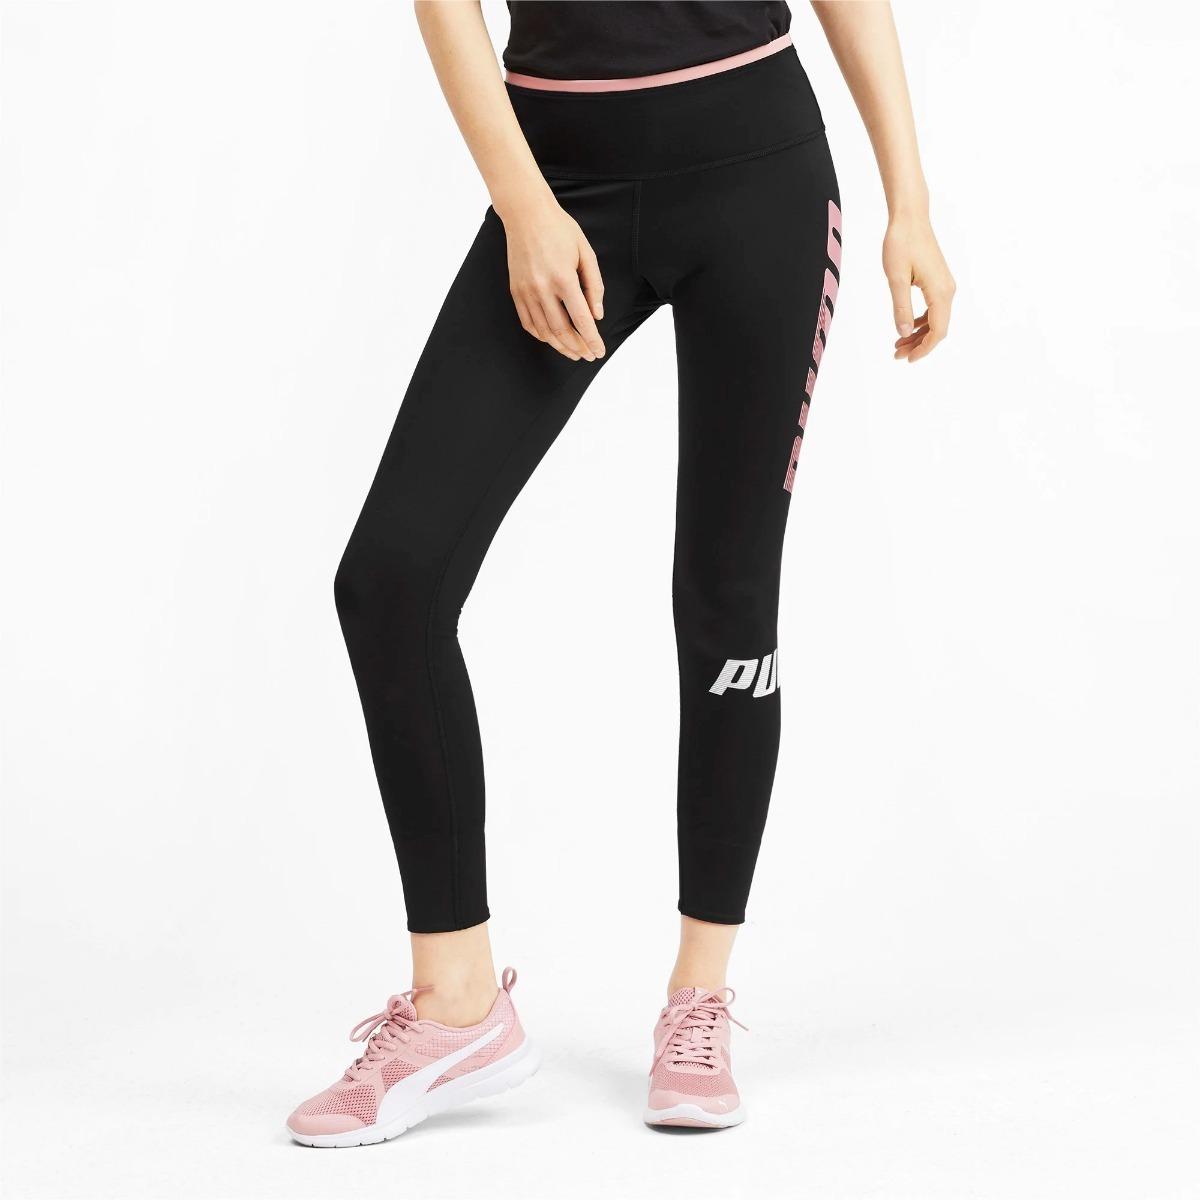 Mallas Puma Modern Sport Mujer Legging Negra Deportiva Orig